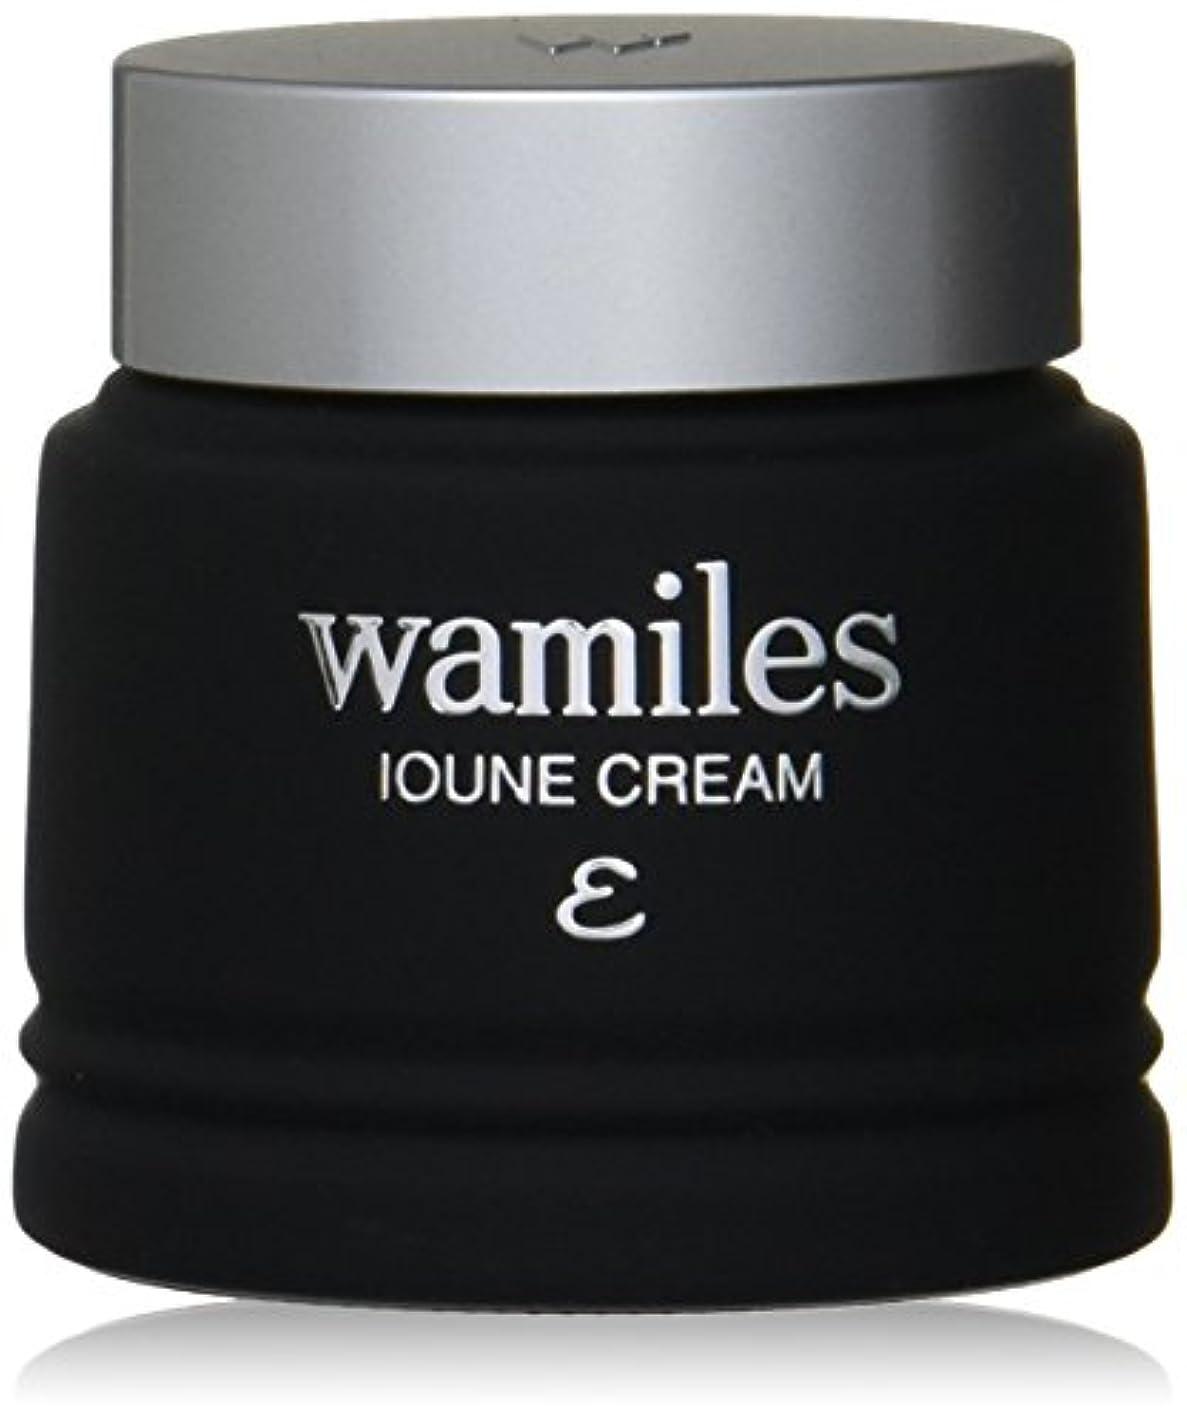 鉛筆半導体塩wamiles/ワミレス ベーシックライン イオーヌ クリーム (全ての肌用) 53g